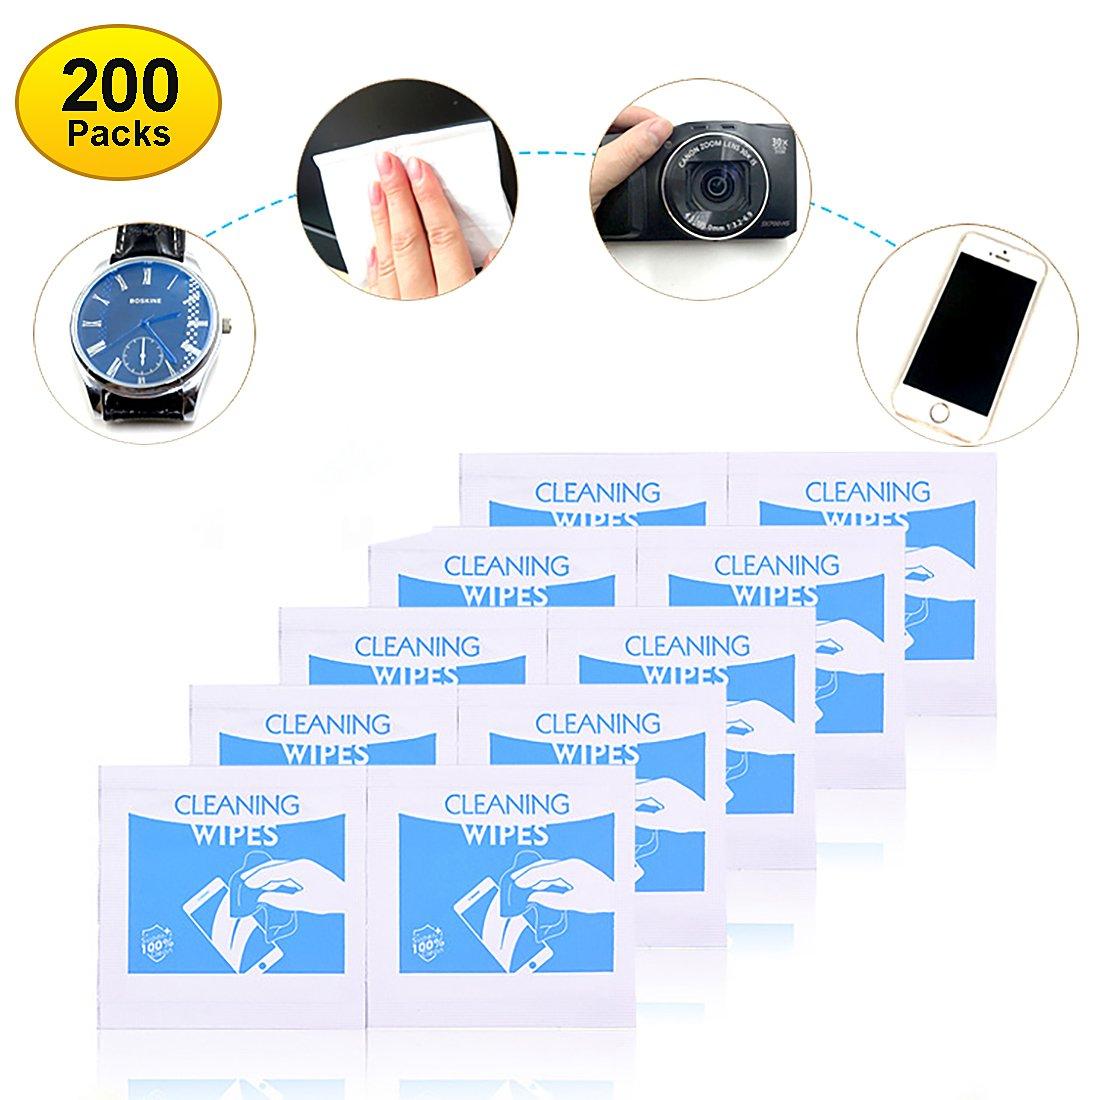 Pulizia dello Schermo, 200 Pack Salviette di pulizia per Pulizia Schermi iPhone iPad Bicchieri Telefono Occhiali Lenti SUPAREE